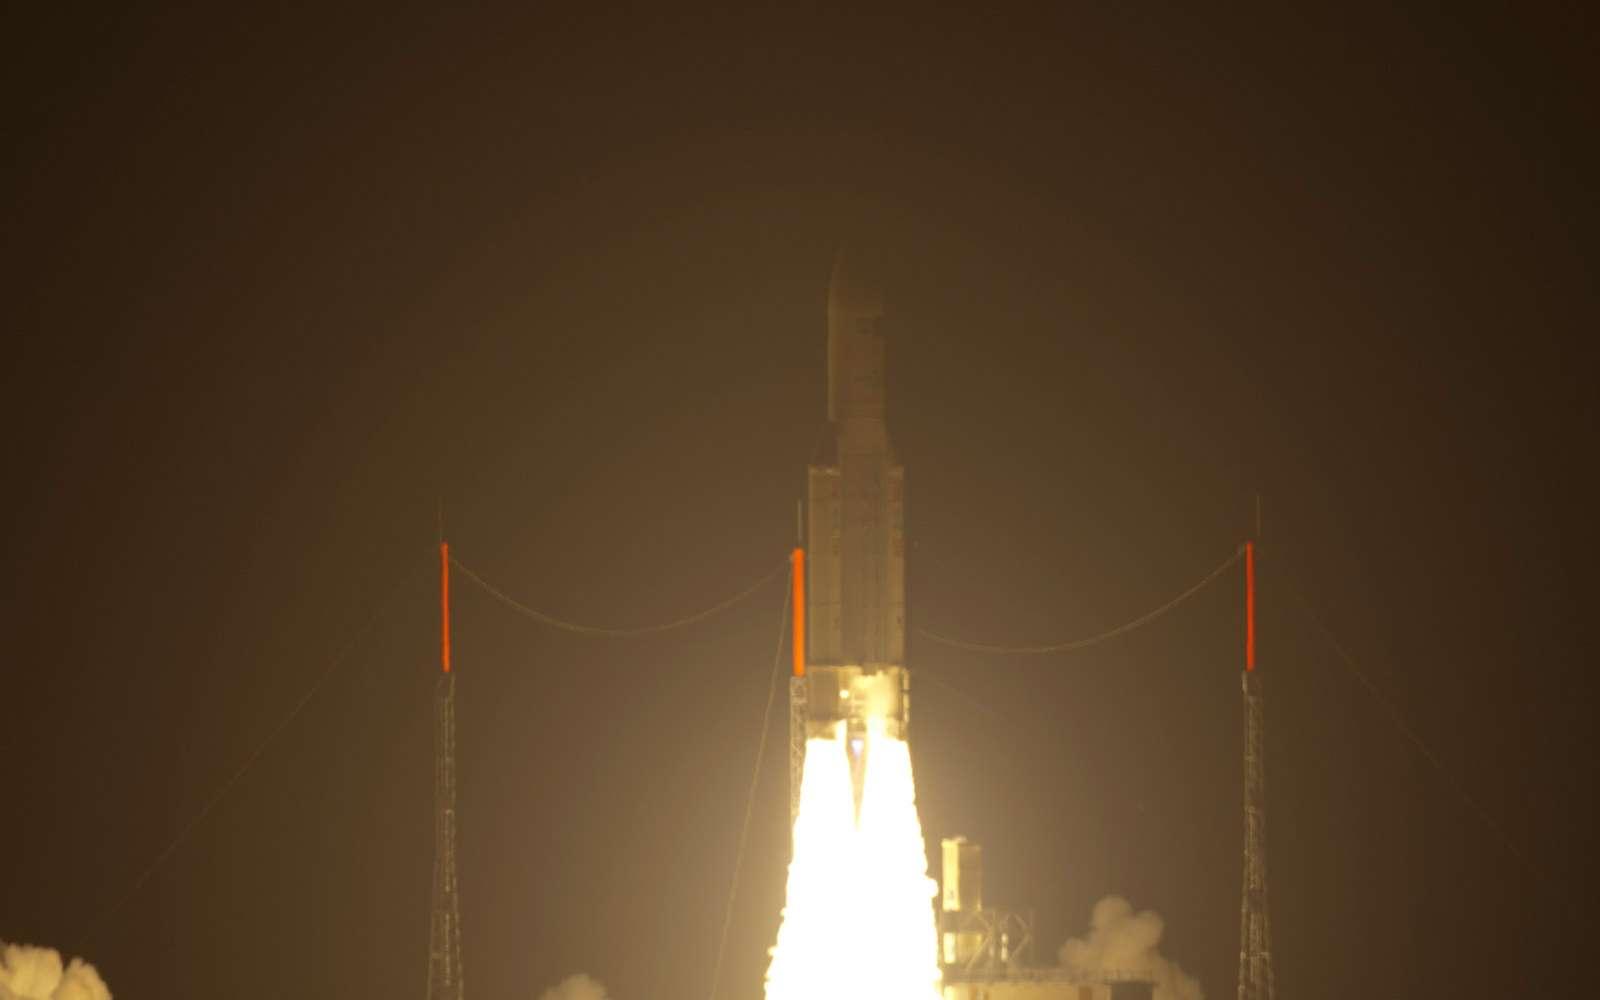 Après un report de 24 heures, Ariane 5 et l'ATV Johannes Kepler ont décollé dans la nuit de mardi à mercredi à 22 h 50 min 55 s précises, malgré des conditions météorologiques peu clémentes pour les spectateurs. 1 h 03 min 53 s plus tard, l'ATV-2 a été injecté sur orbite à 270,2 kilomètres. On notera que le lanceur a survolé l'Europe, environ 20 minutes après son décollage. © Esa/S. Corveja